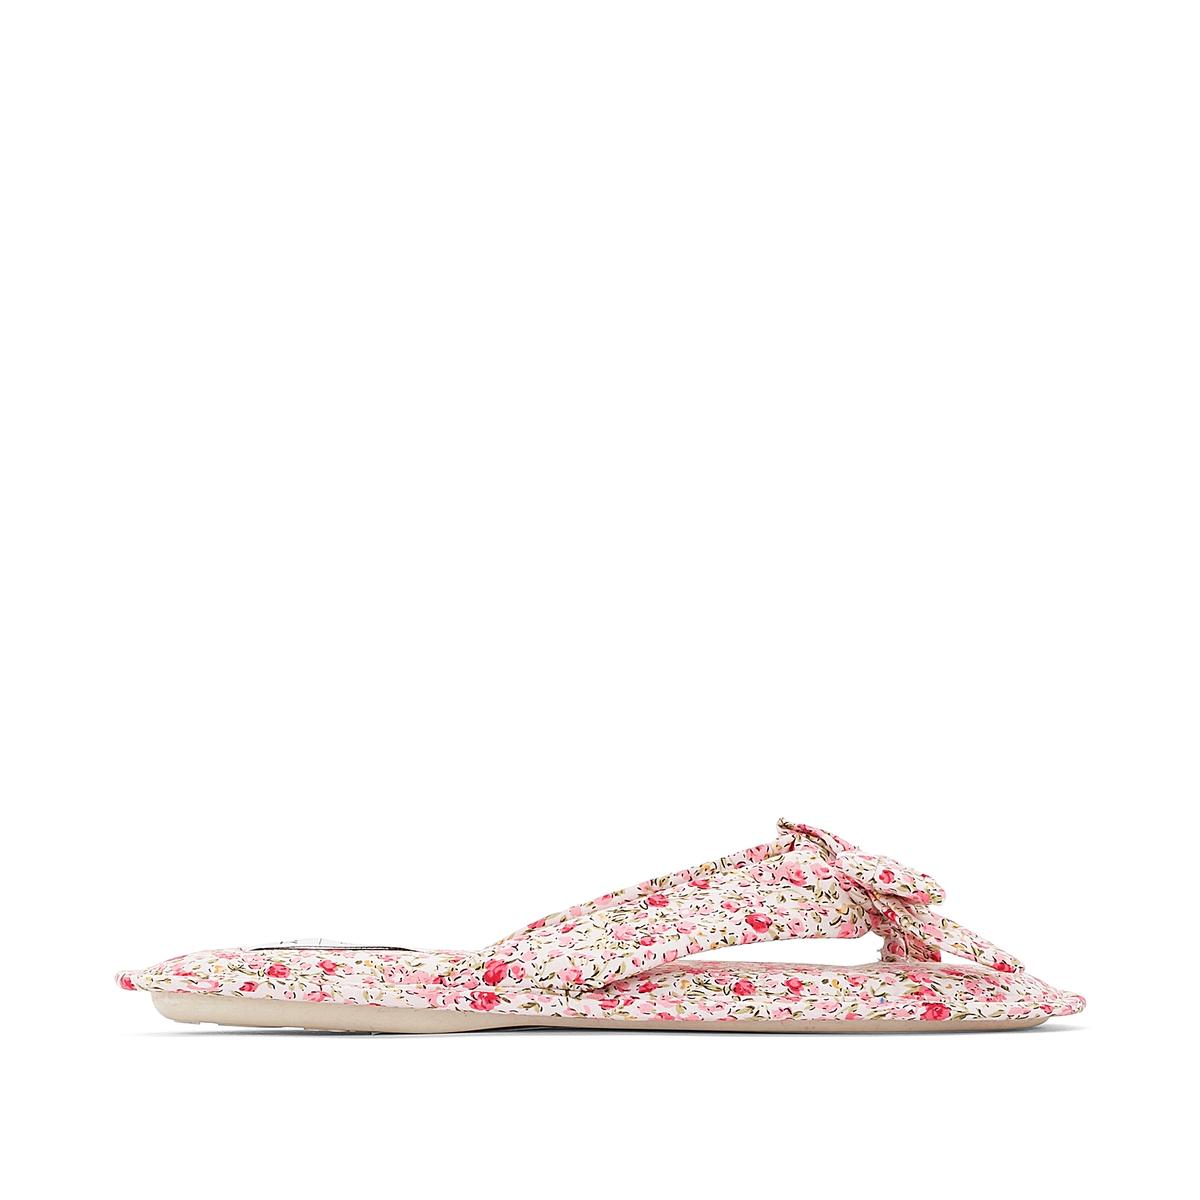 Мягкие туфли с цветочным рисункомДлинные мягкие туфли из текстиля с цветочным рисунком, бантик на голенище.                                                    Верх/голенище  : текстиль                                                    Подкладка : текстиль                                                    Стелька : текстиль                                                    Подошва : эластомер<br><br>Цвет: рисунок либерти